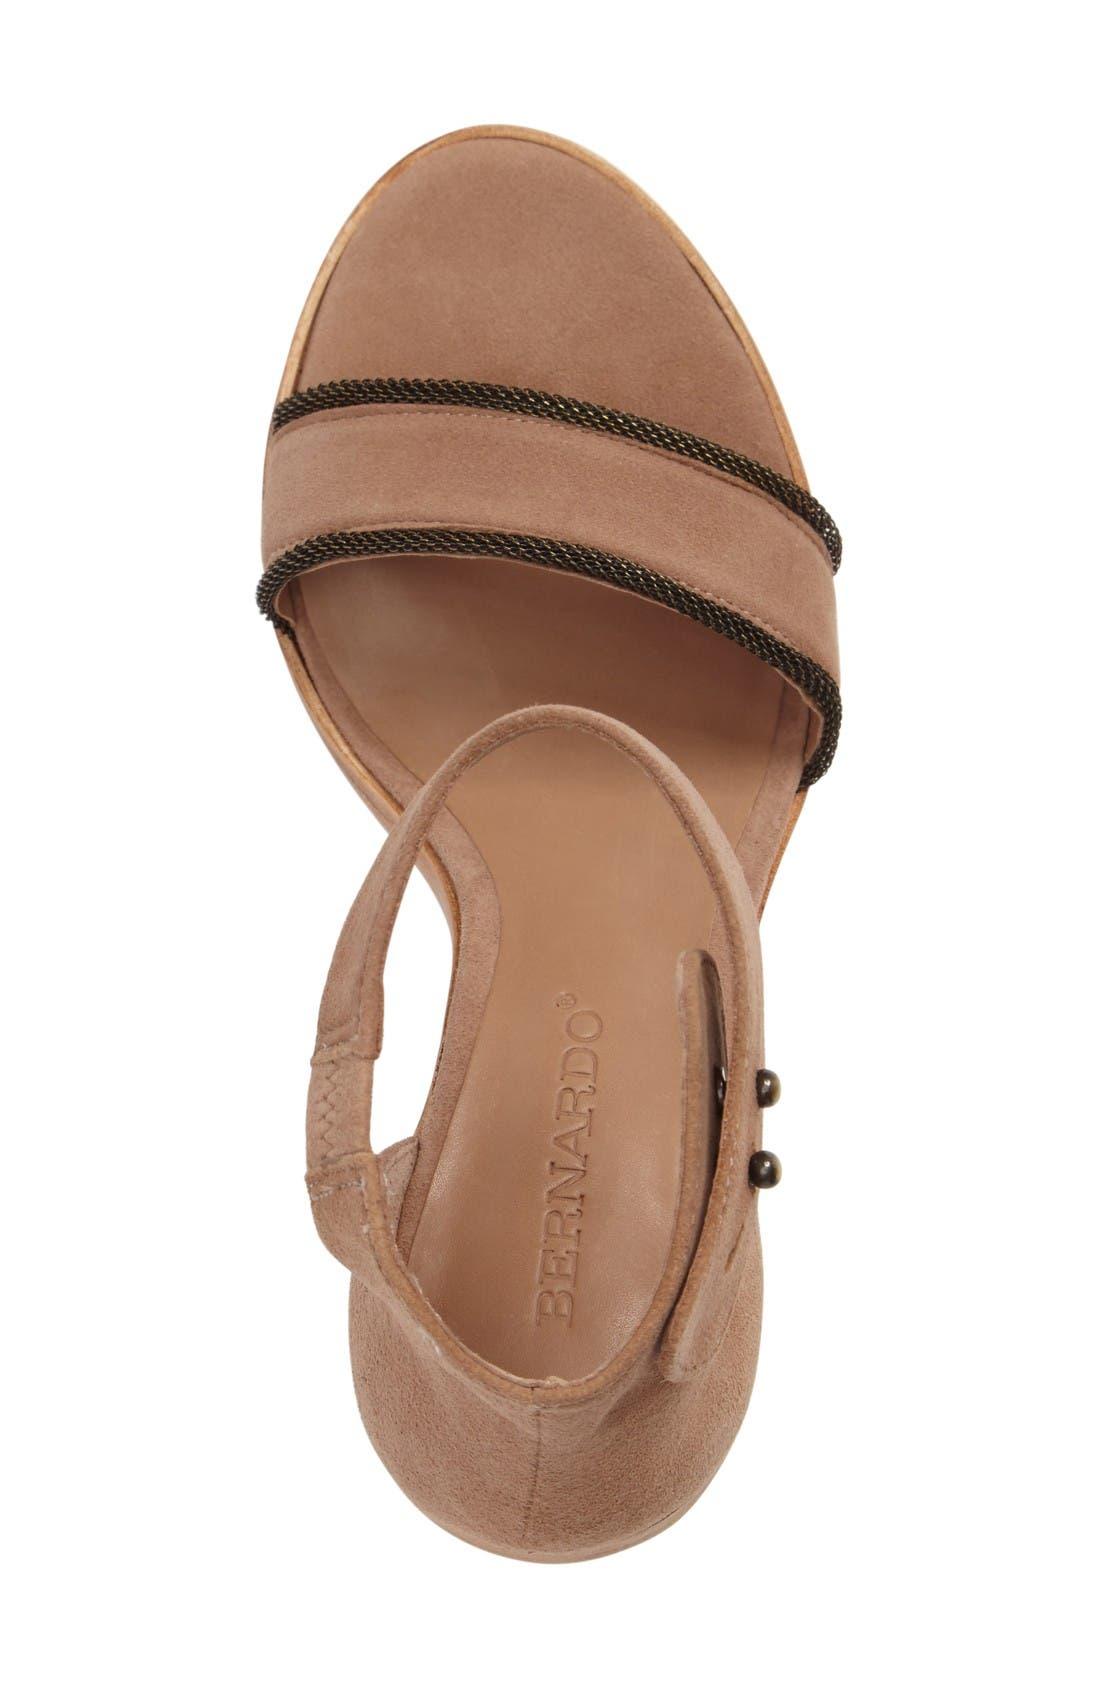 Bernardo Hayden Ankle Strap Sandal,                             Alternate thumbnail 3, color,                             Sand Suede